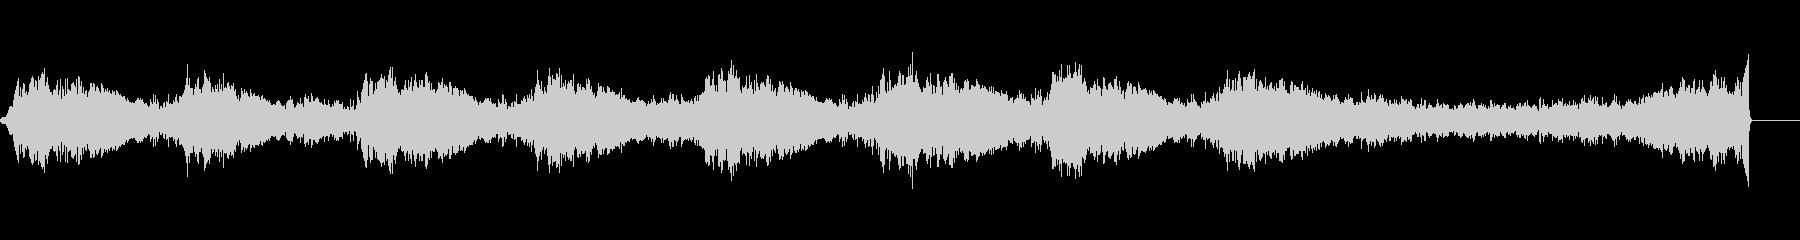 不気味に響く音と鈴の音の未再生の波形